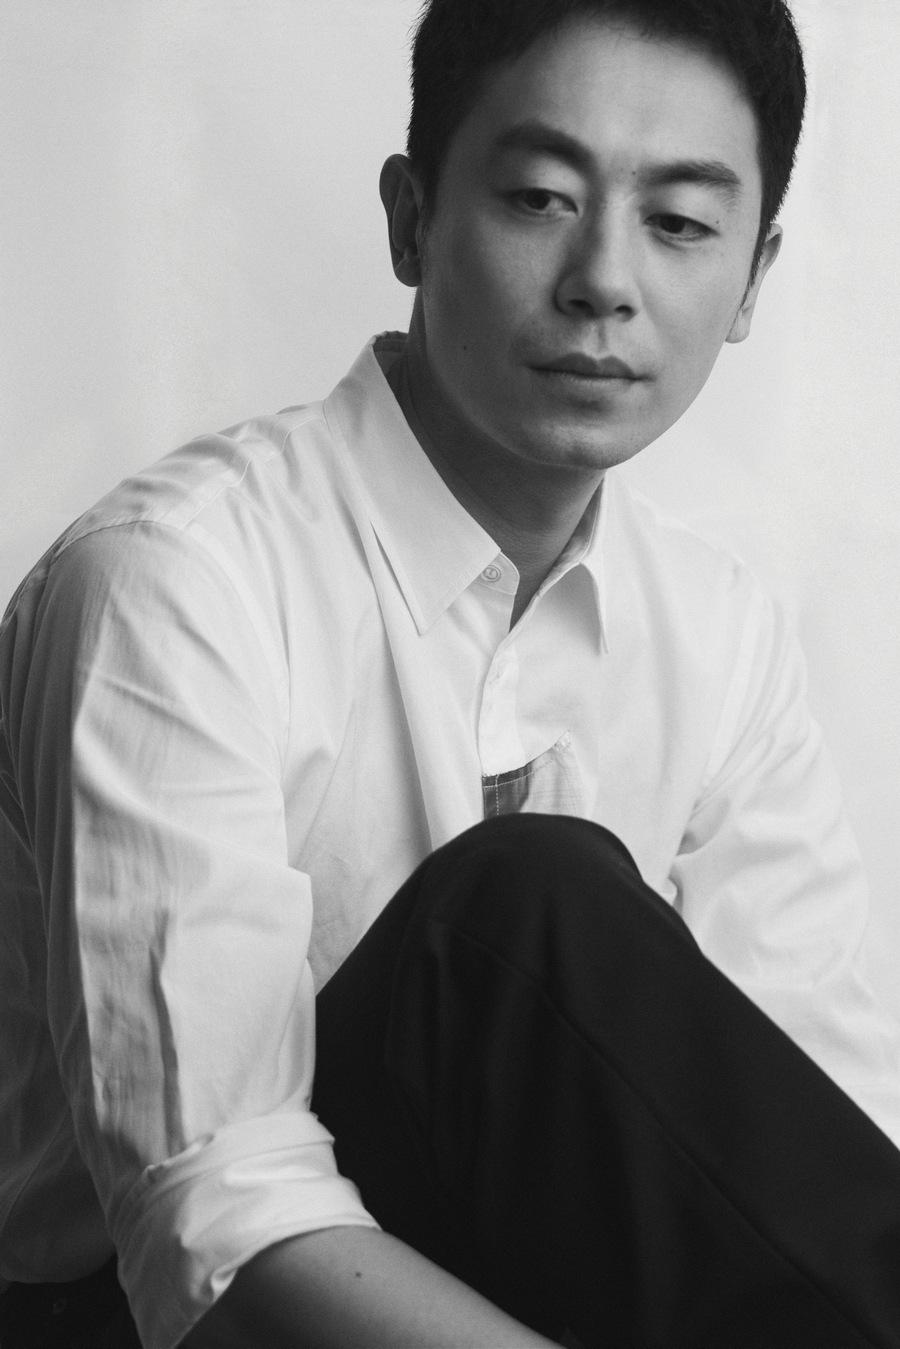 朱亚文简约写真 黑白色调写满故事氛围